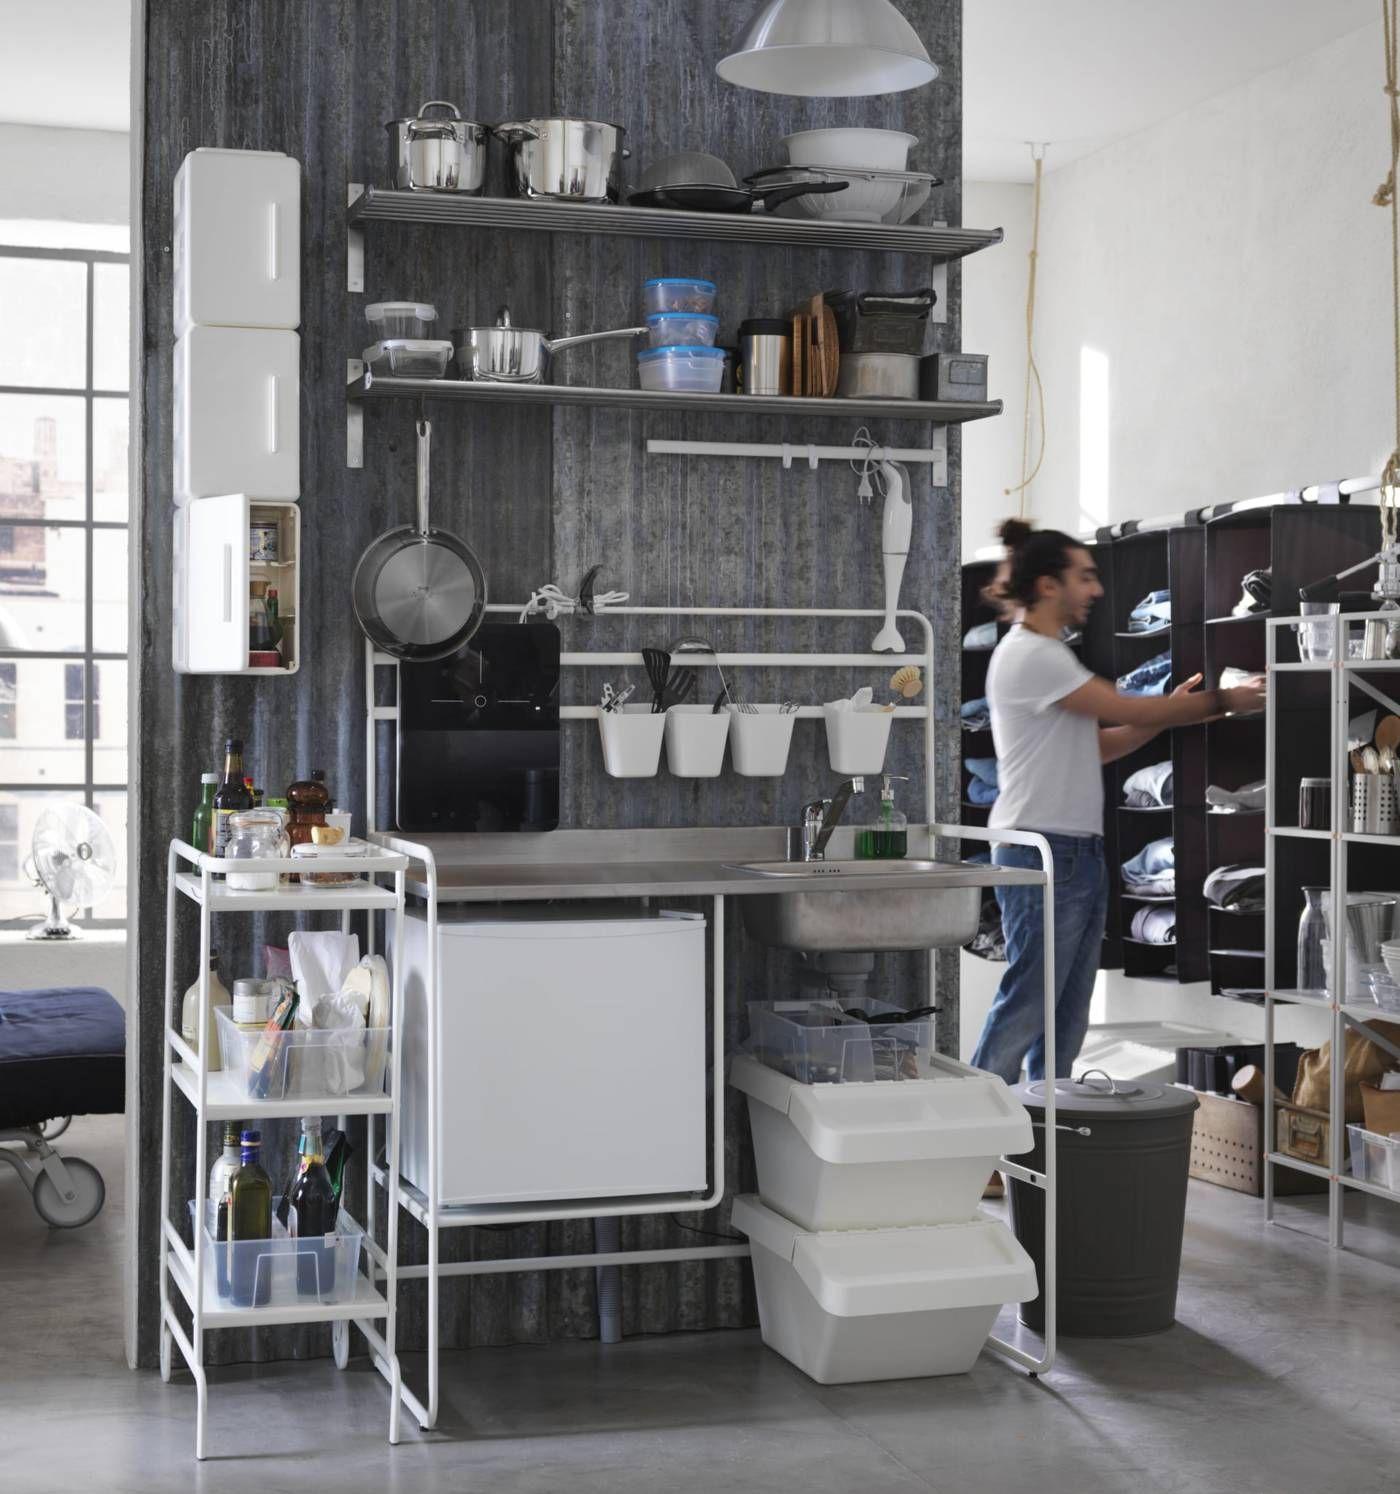 sunnersta minik che im katalog wohnung ikea zum einfachen umziehen k che pimpen ikea. Black Bedroom Furniture Sets. Home Design Ideas